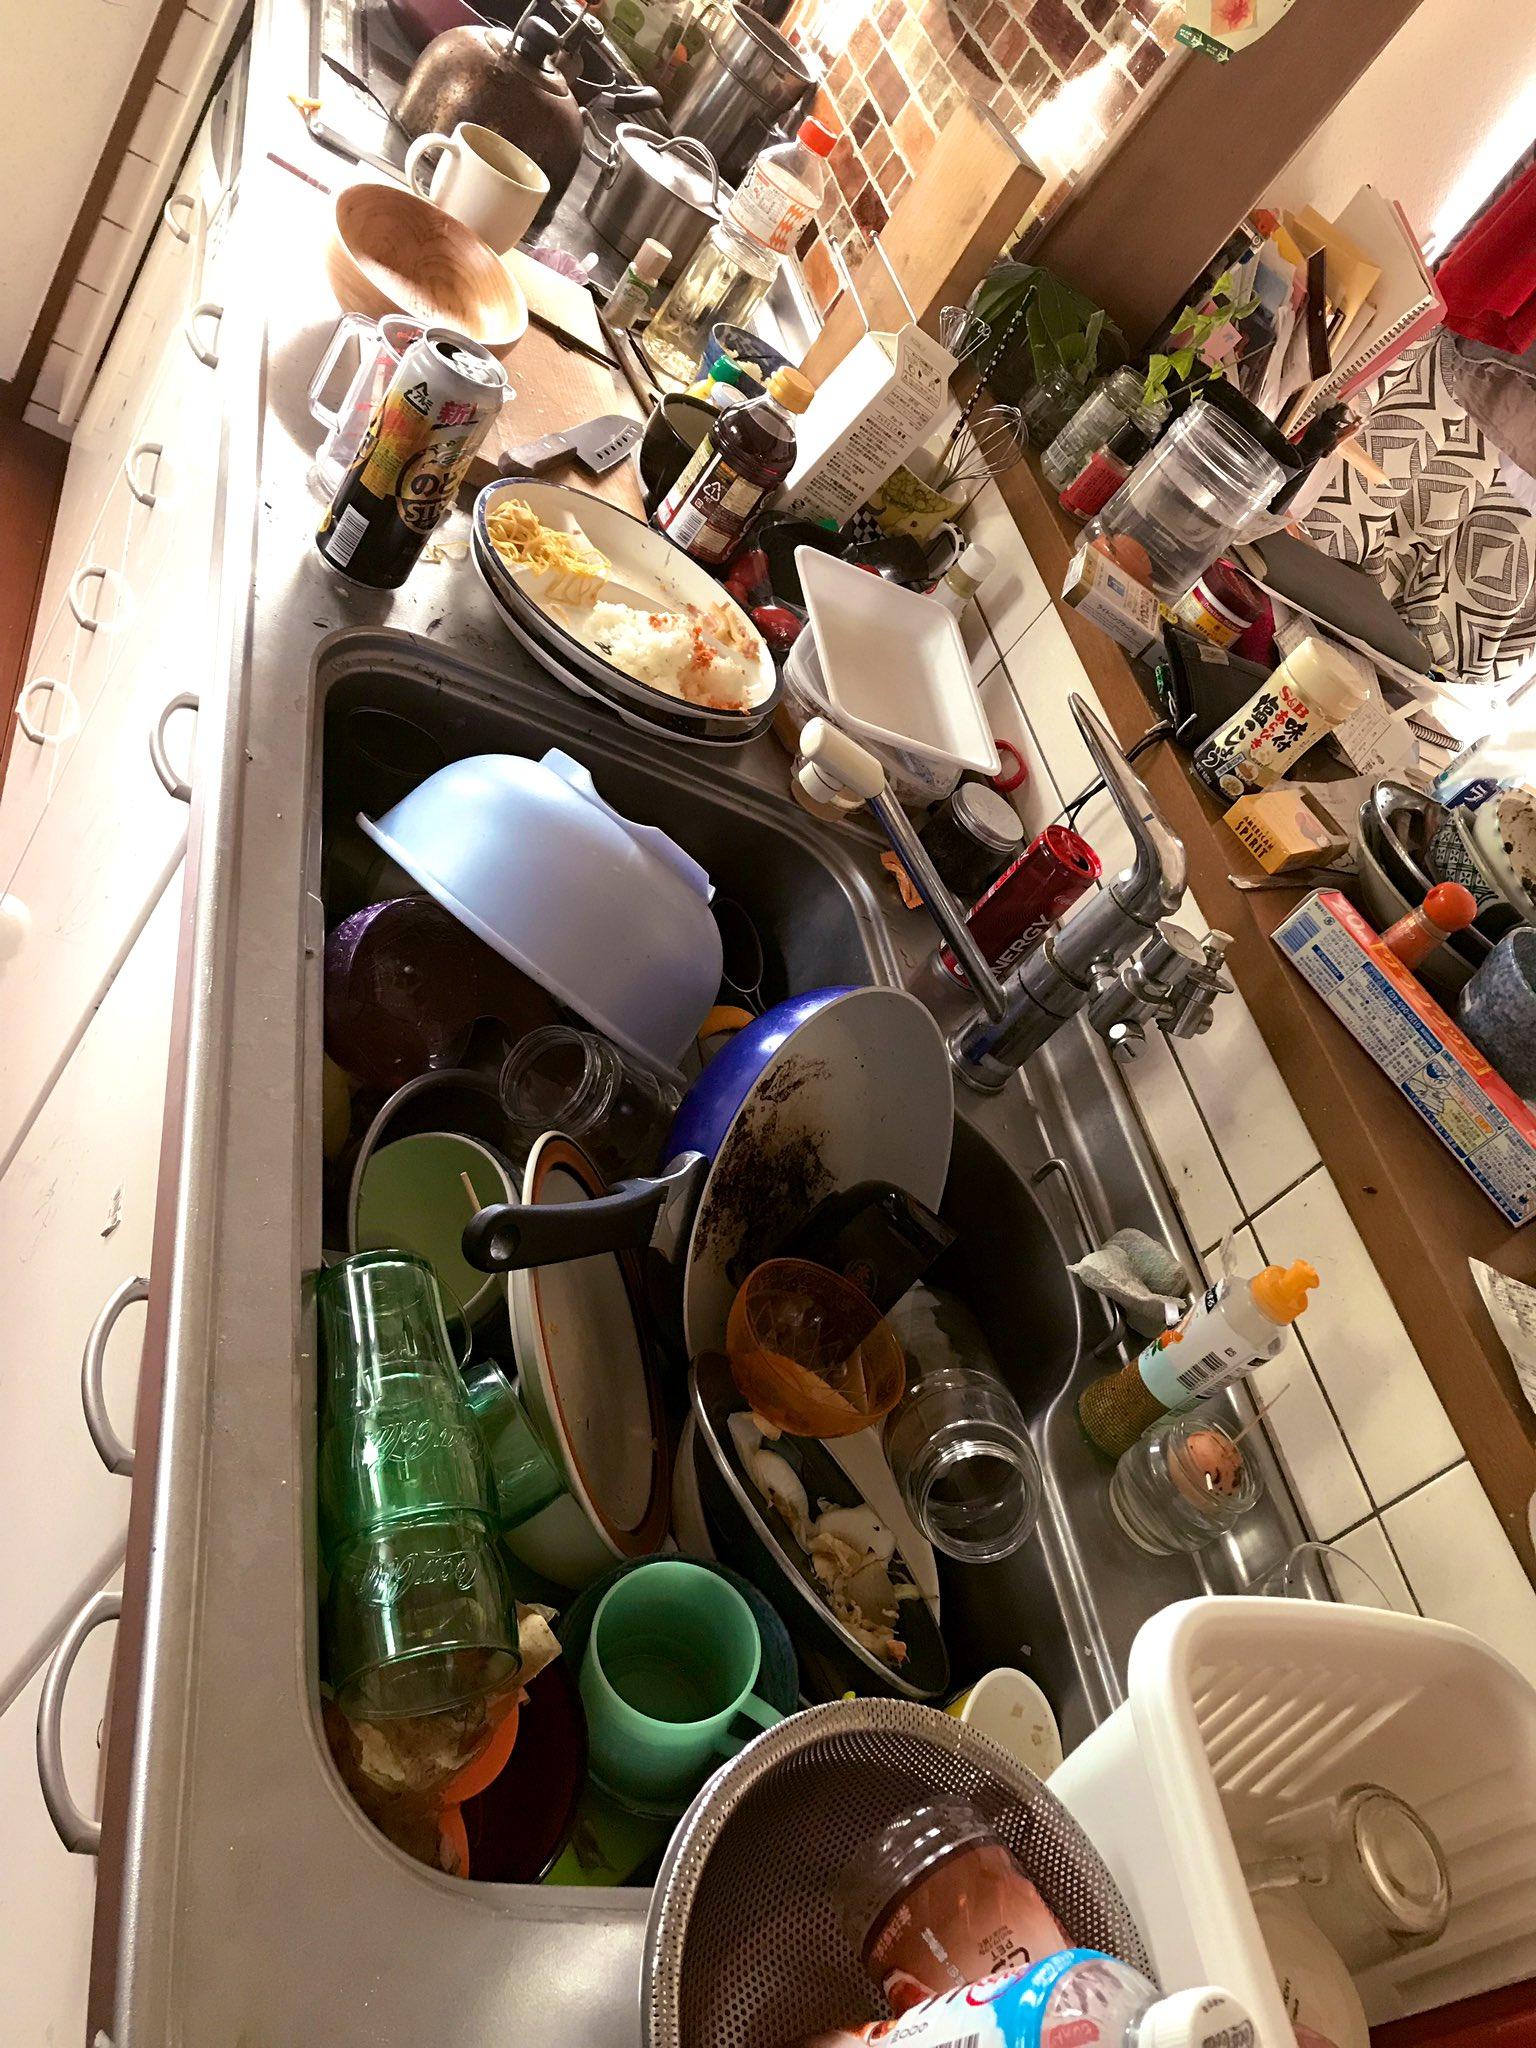 日曜から39度の熱と嘔吐で瀕死状態だった私。夫が子供達の相手をしてご飯も作ってくれたんですよ。「できることはしたからね」って夫ありがとう!と回復した火曜の朝。 10回くらい泥棒入ったんかい?ってくらい荒れたリビングとキッチンにゾッとしております…! 嘘やん…今からこれ片付けるの…?笑